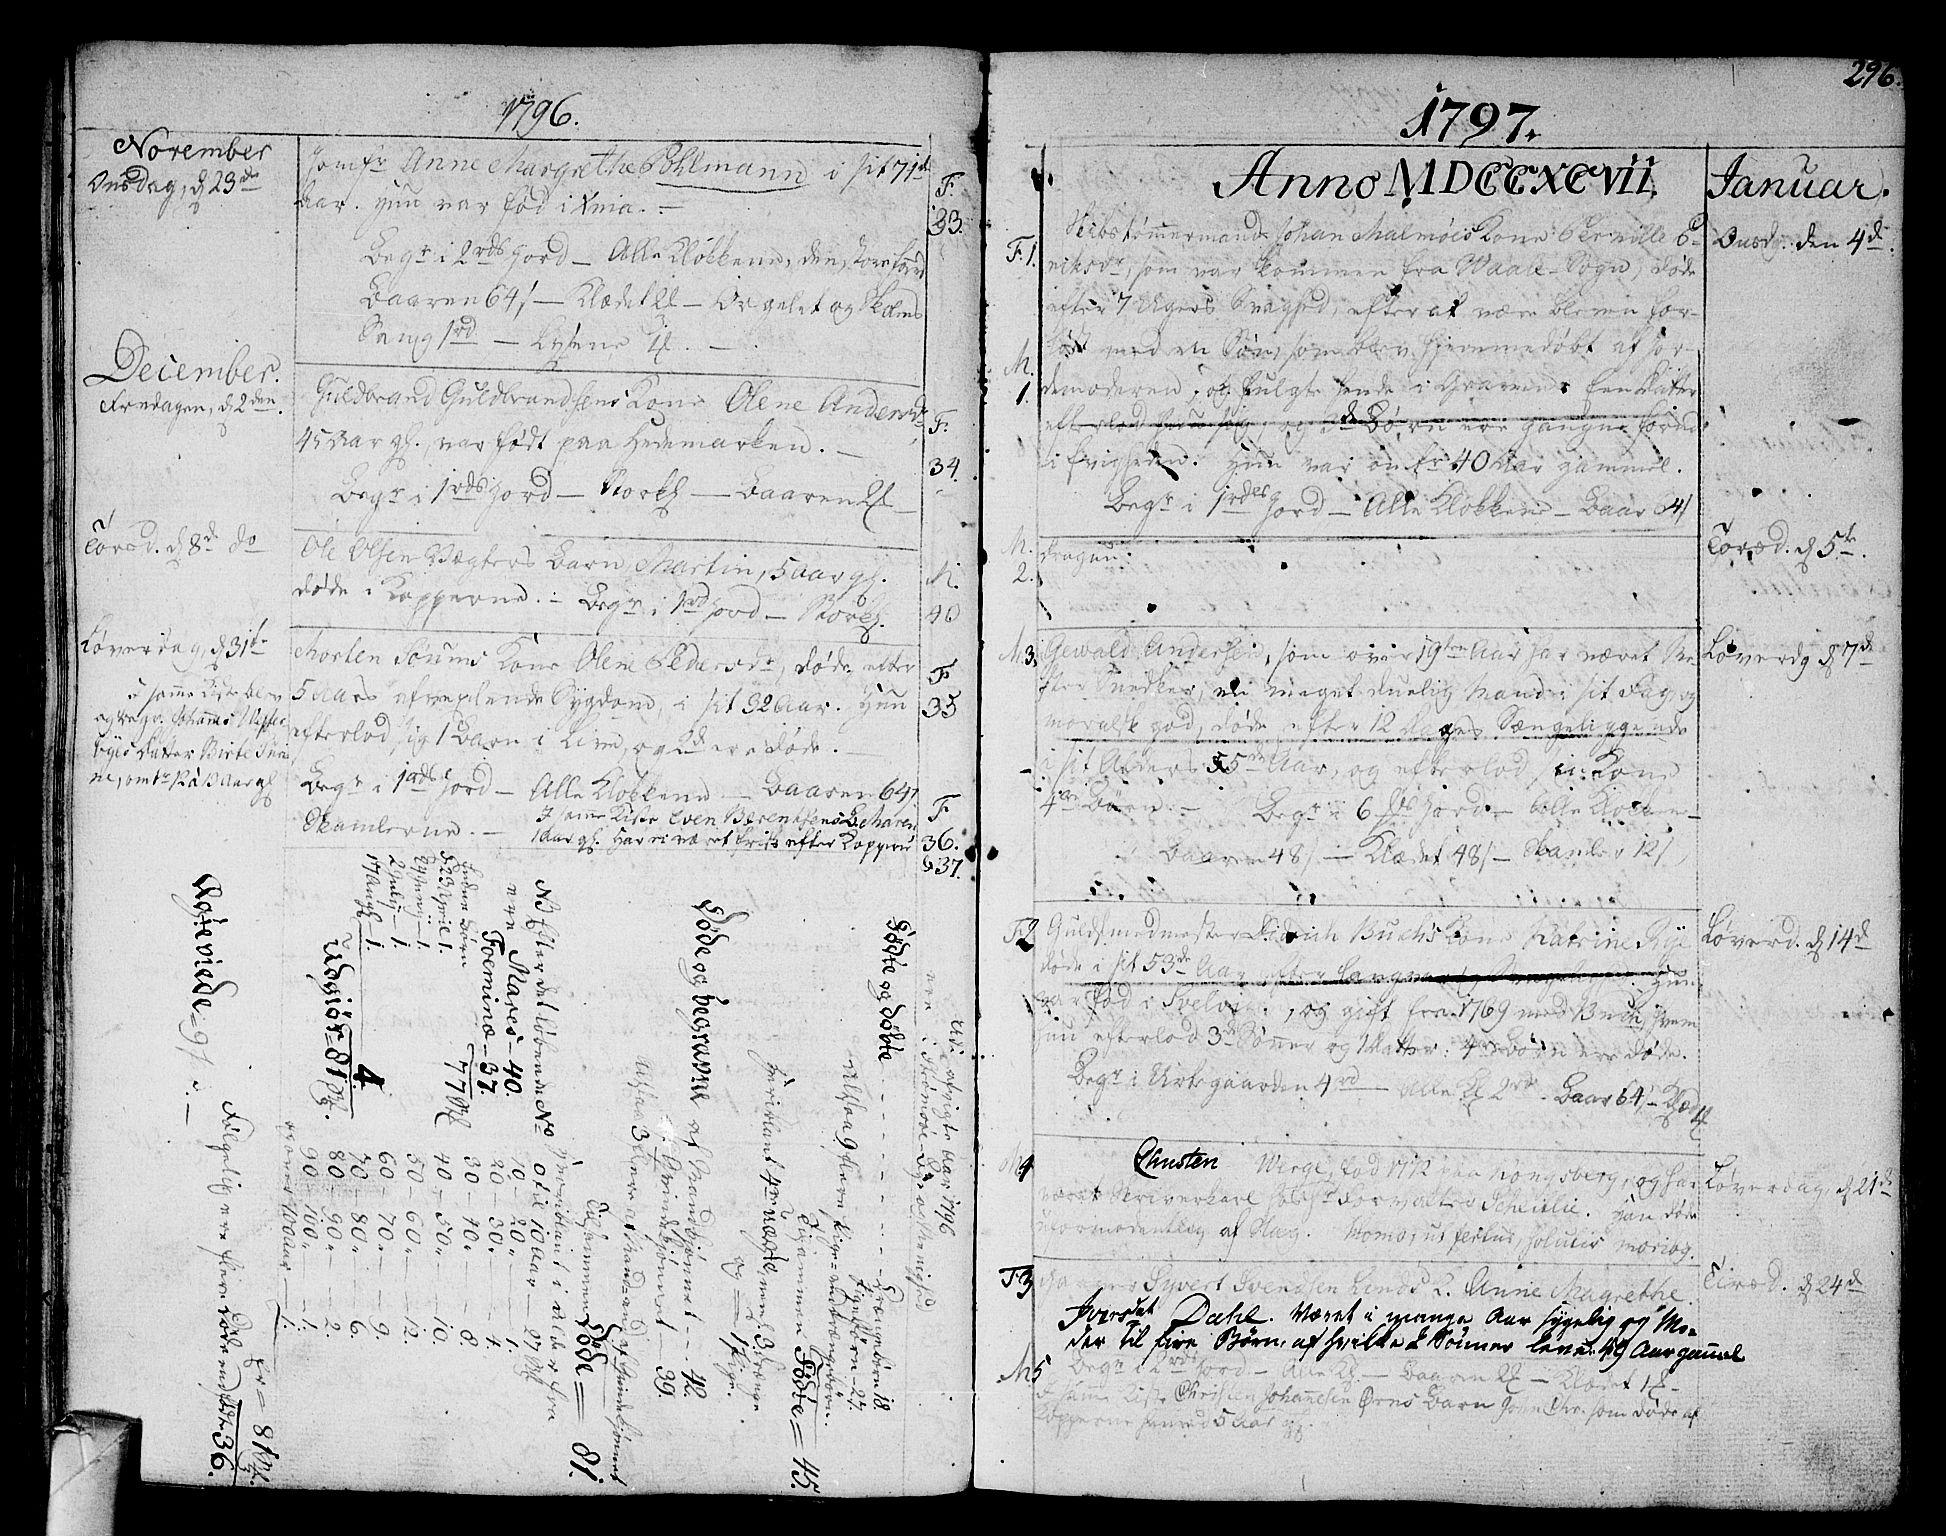 SAKO, Strømsø kirkebøker, F/Fa/L0010: Ministerialbok nr. I 10, 1792-1822, s. 296